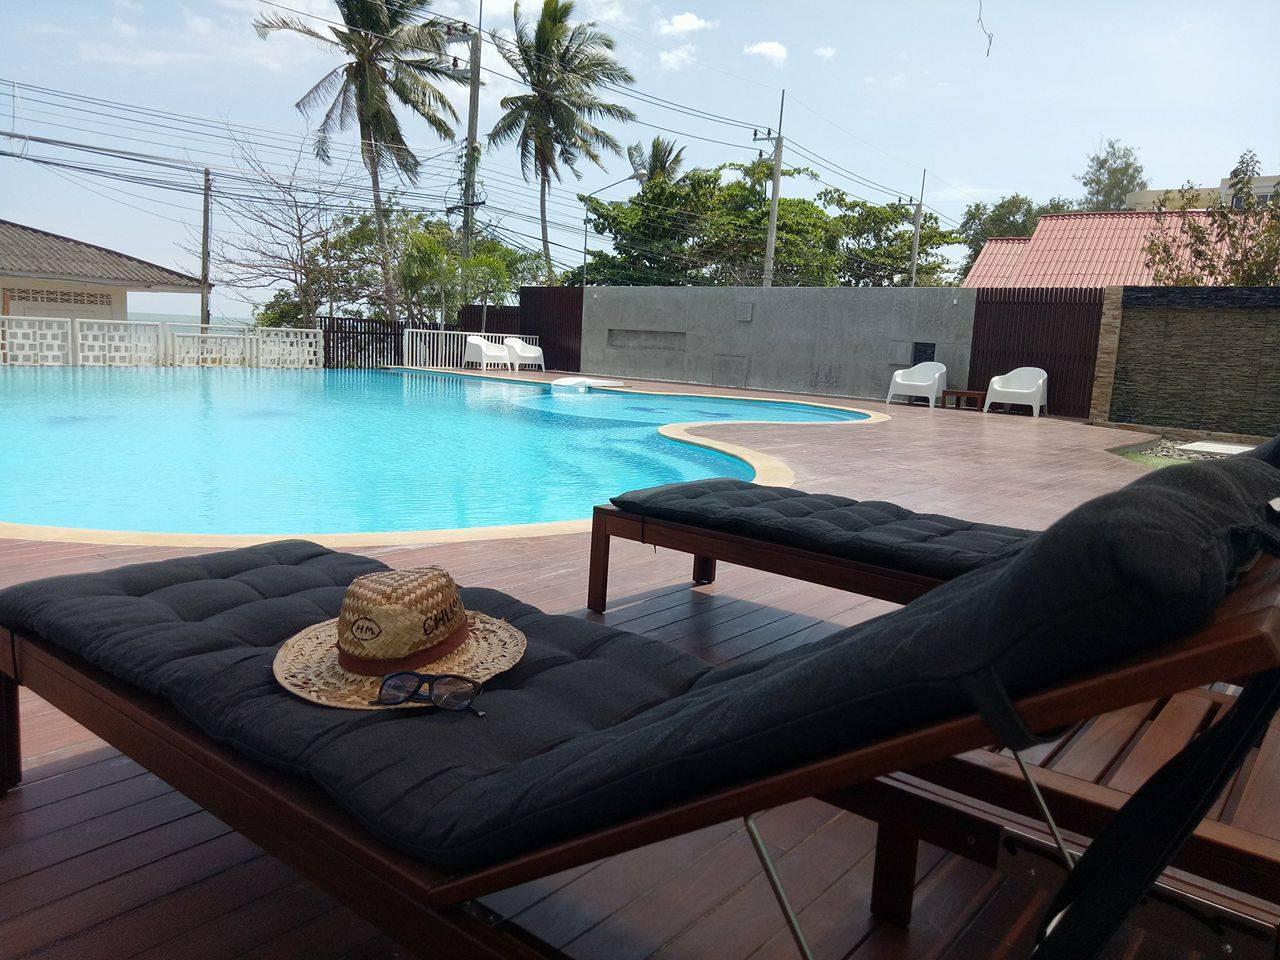 Bangsaphan Resort,Bangsaphan Resort